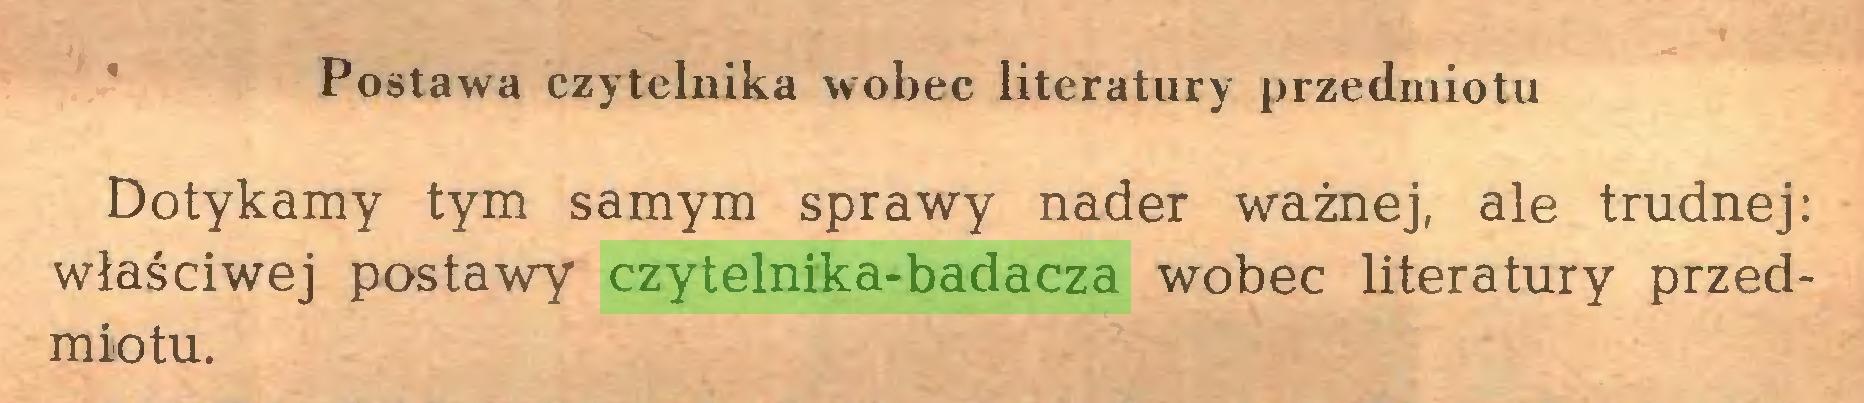 (...) Postawa czytelnika wobec literatury przedmiotu Dotykamy tym samym sprawy nader ważnej, ale trudnej: właściwej postawy czytelnika-badacza wobec literatury przedmiotu...